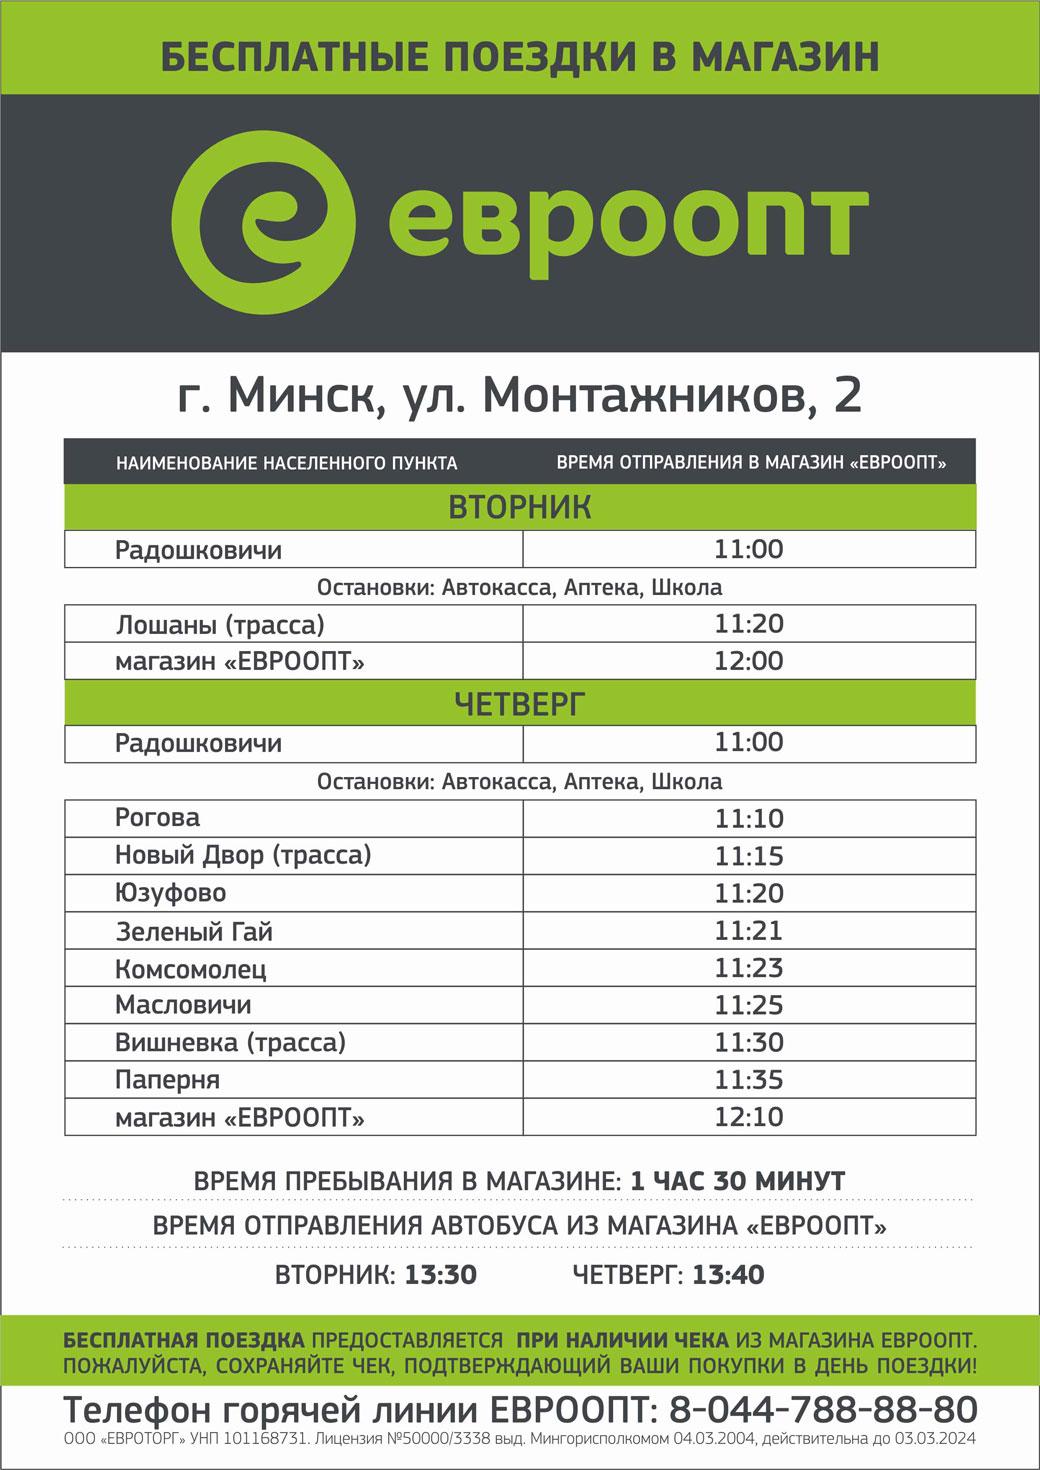 Расписание автобусов Евроопт от Радошкович